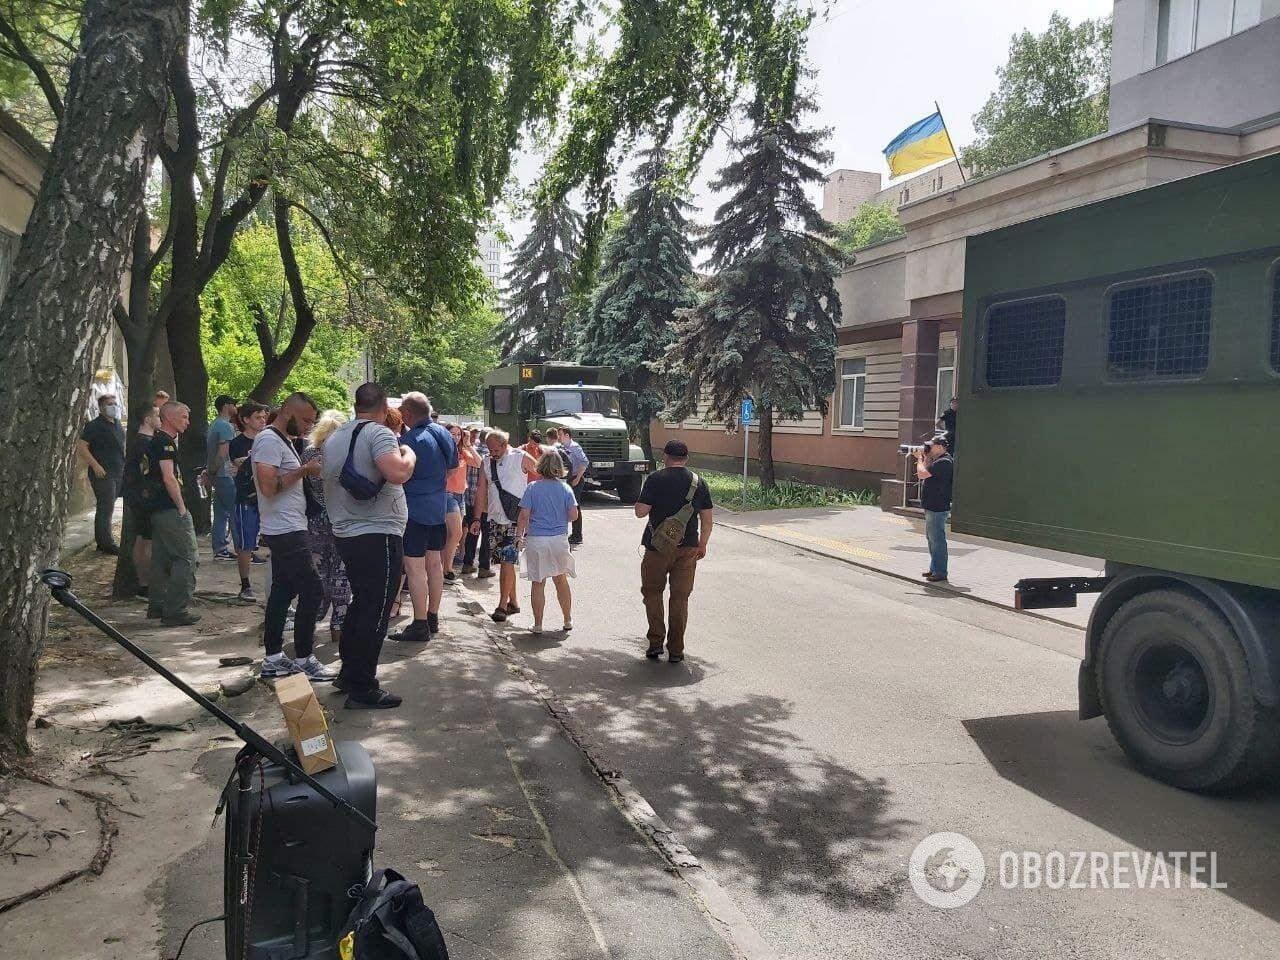 Сторонников Антоненко и Кузьменко меньше чем правоохранителей .